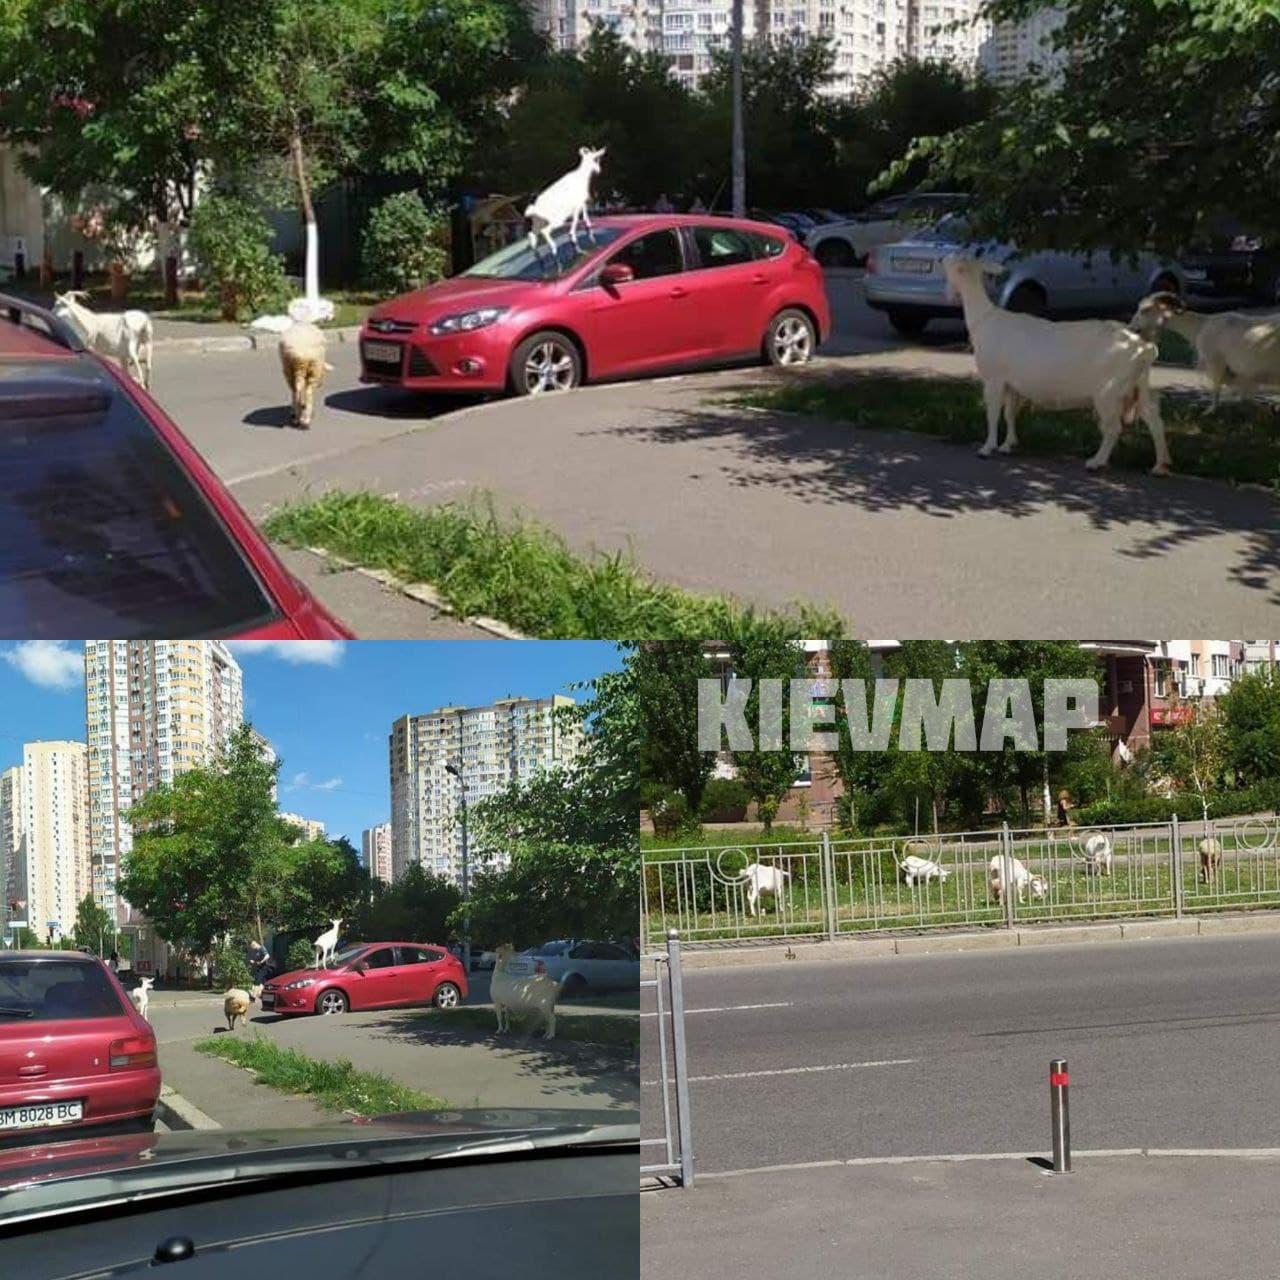 В Киеве козы гуляли посреди улицы: одна взобралась на крышу авто (фото)